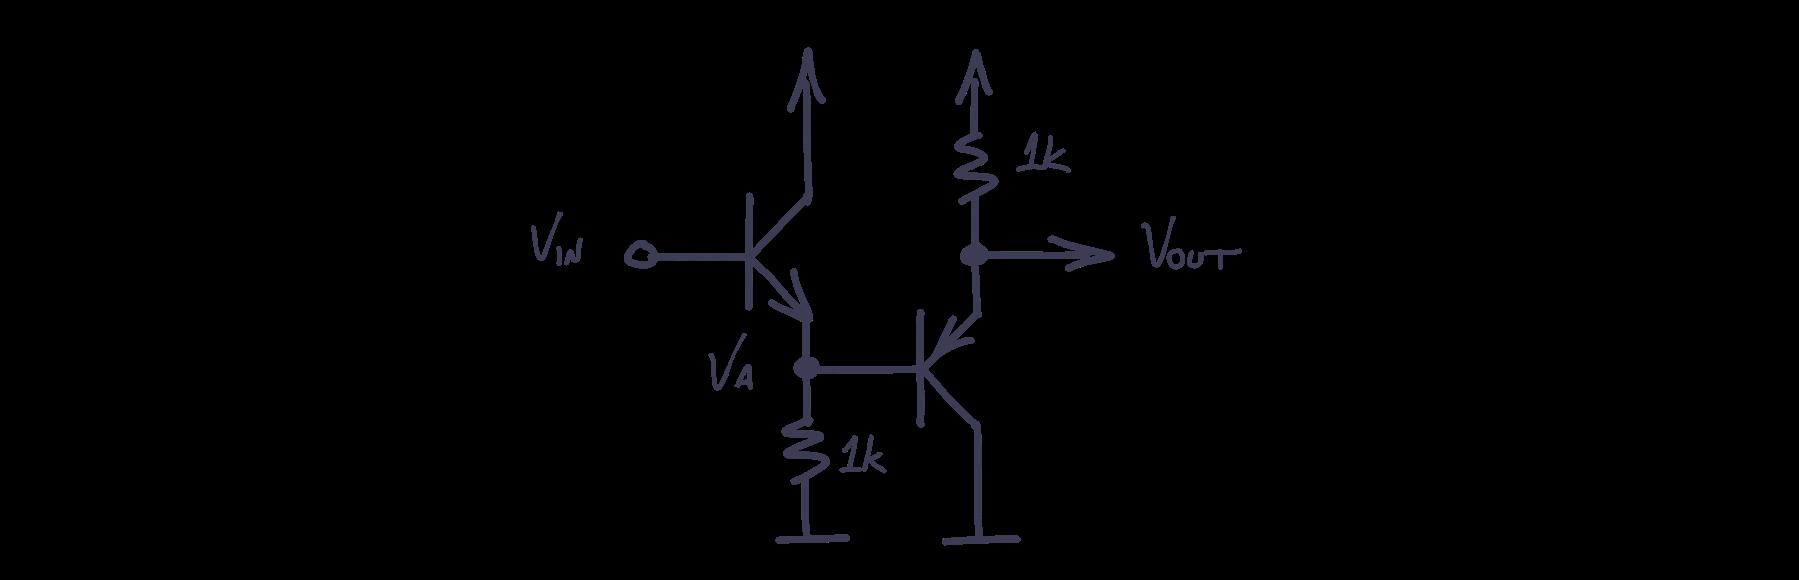 components_jbt-cfp-01.png